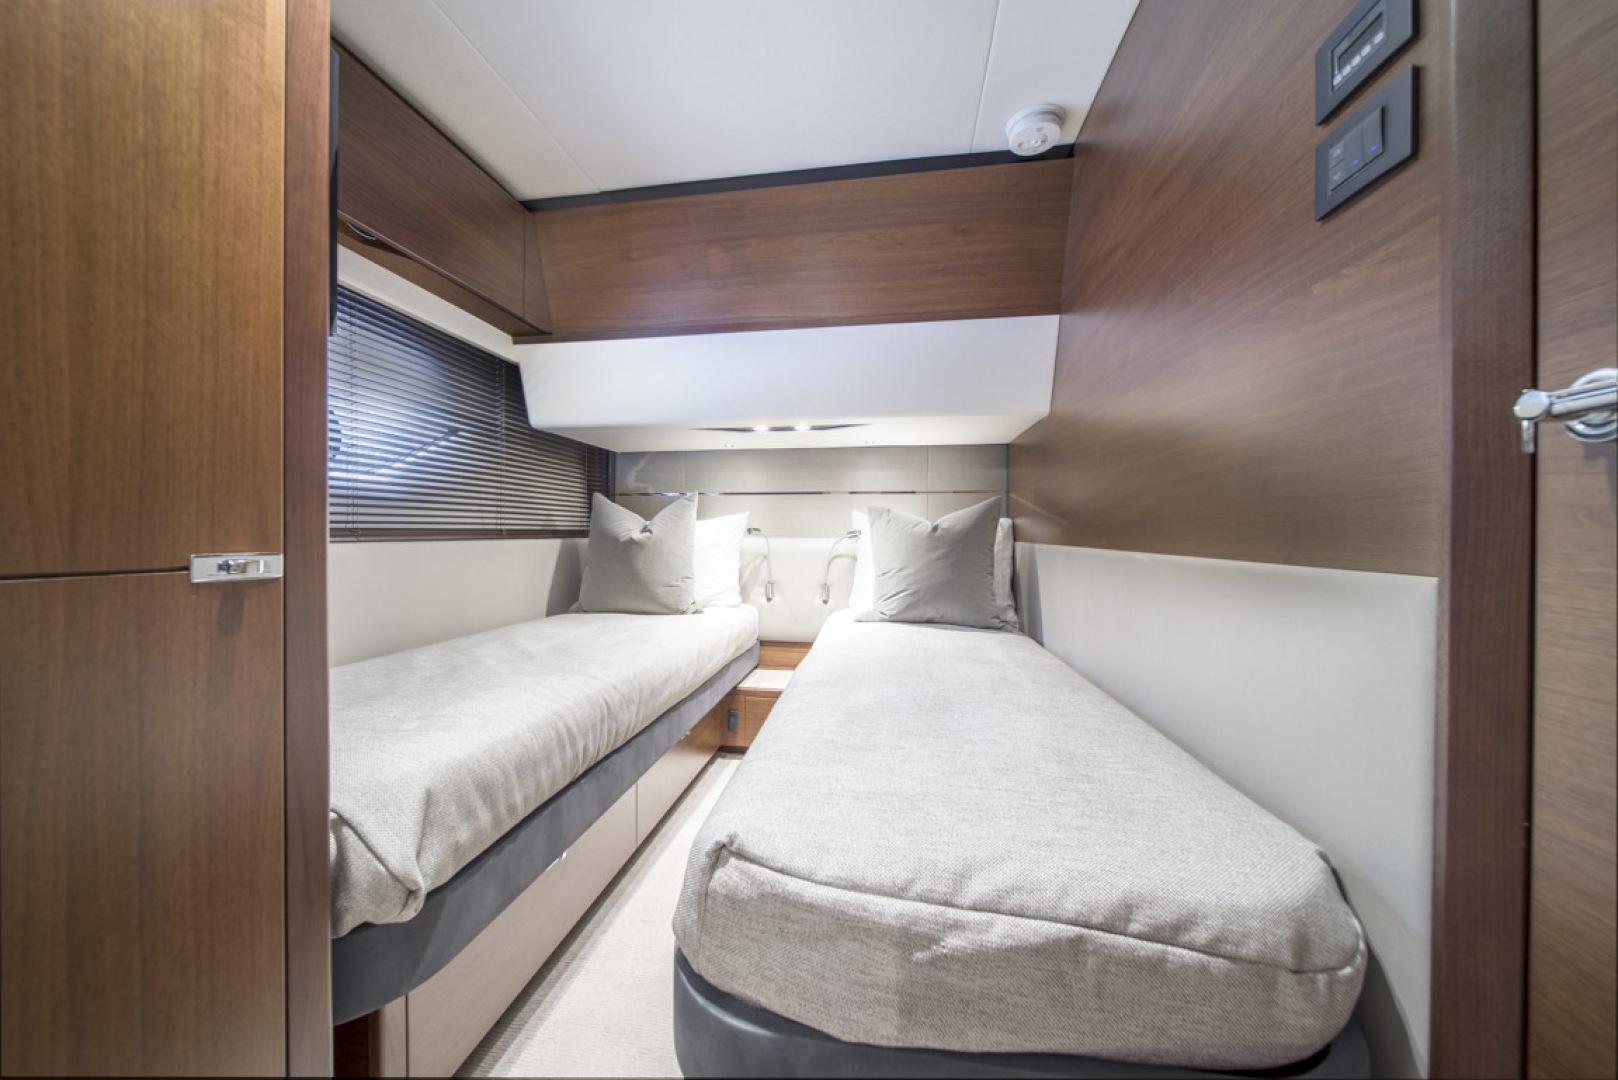 Princess-S65 2019-Paragon Cape Coral-Florida-United States-2019 65 Princess S65-Paragon-Starboard Guest Stateroom-1509923 | Thumbnail